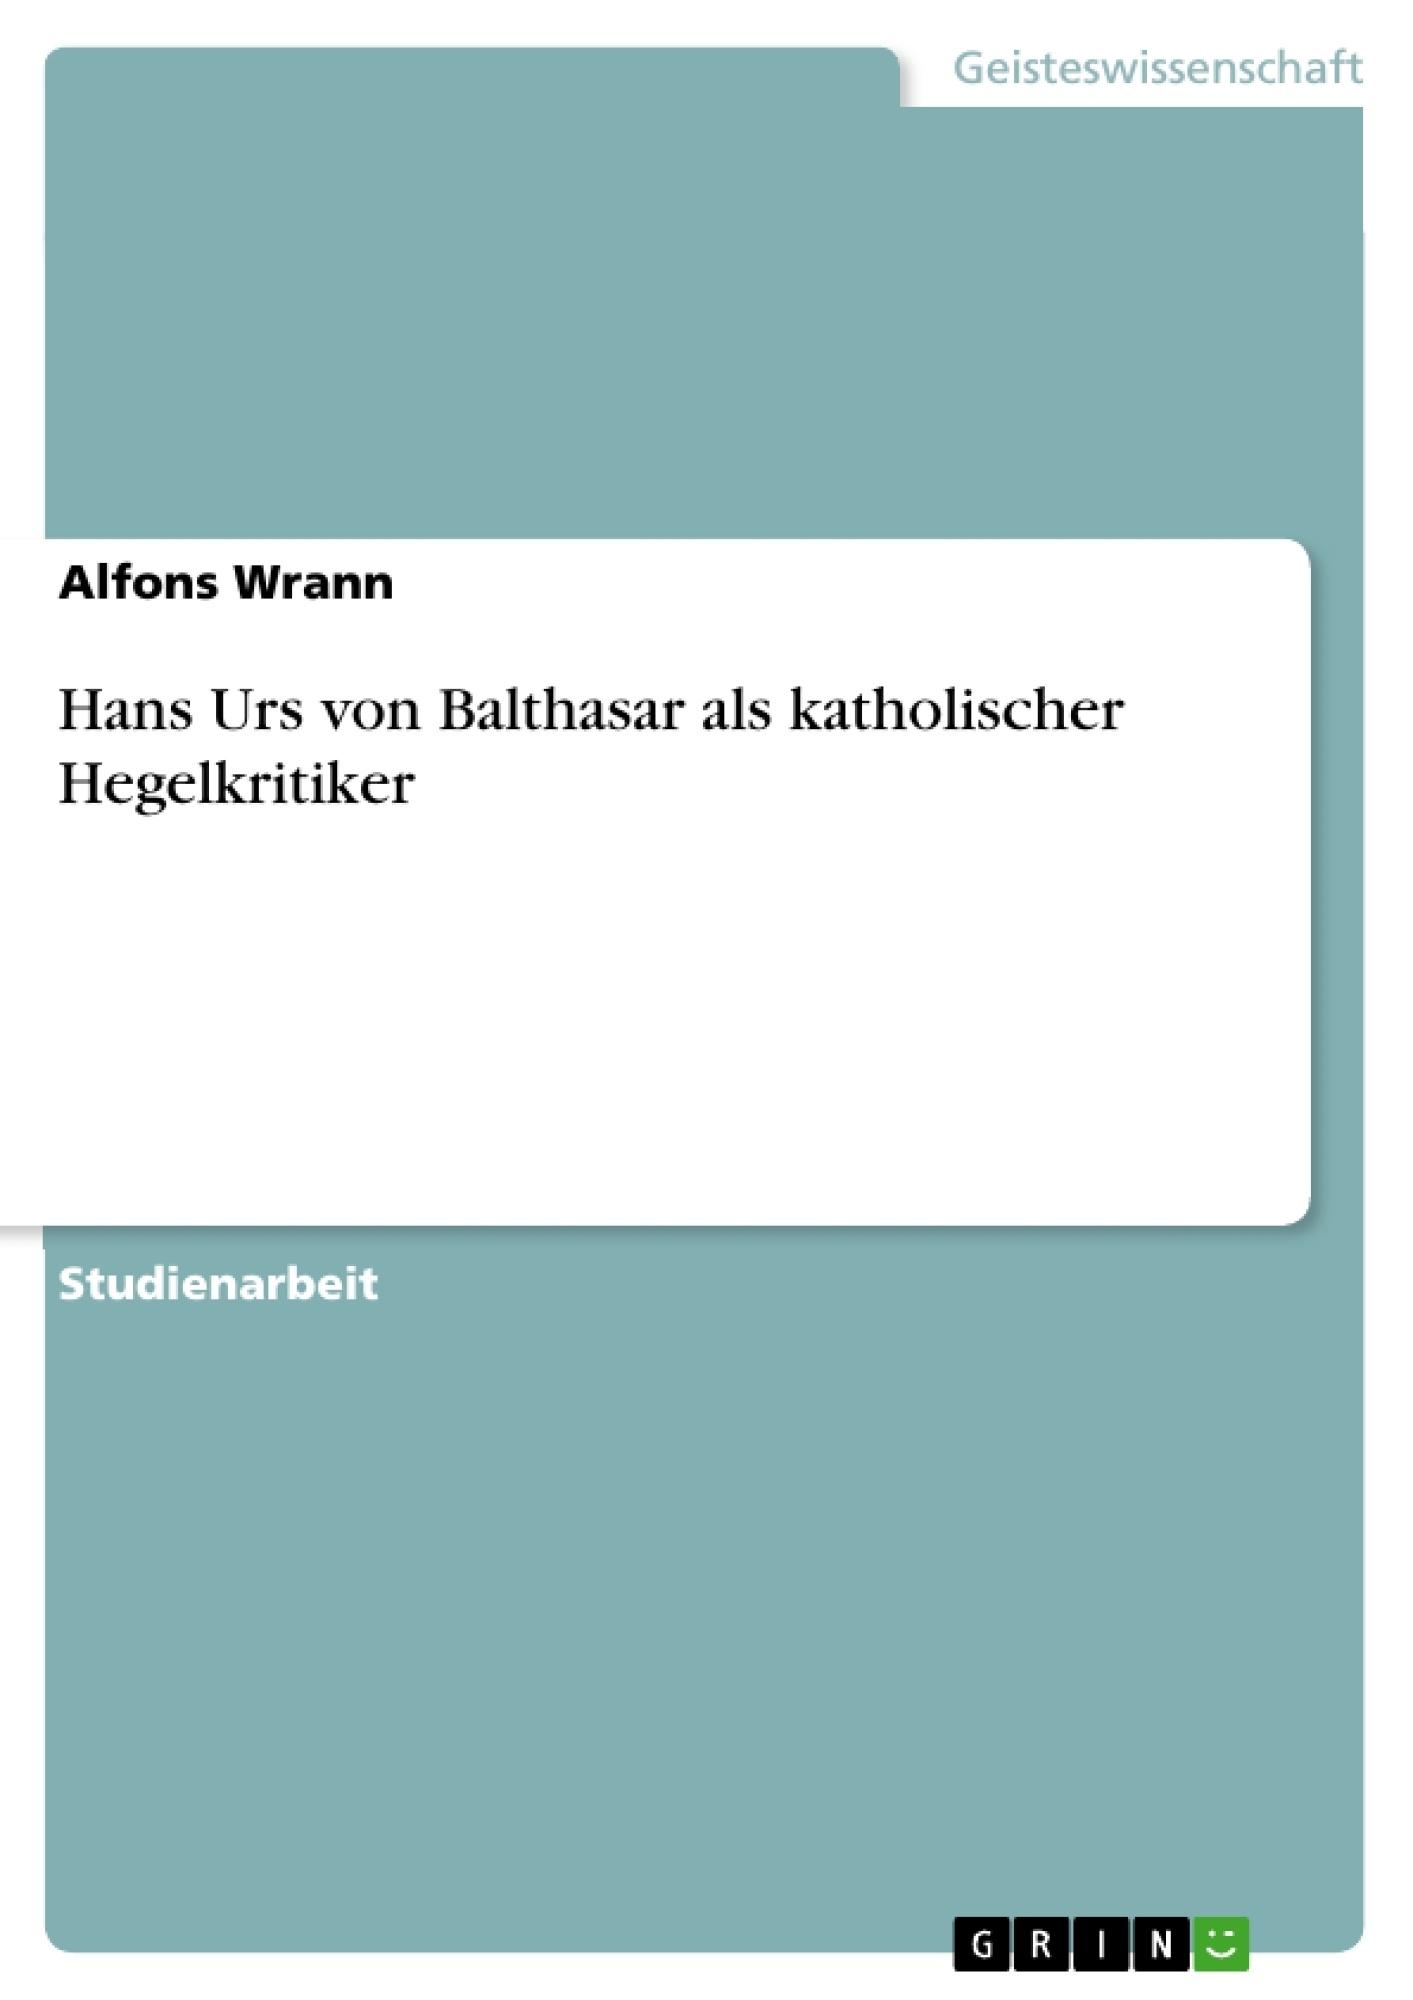 Titel: Hans Urs von Balthasar als katholischer Hegelkritiker